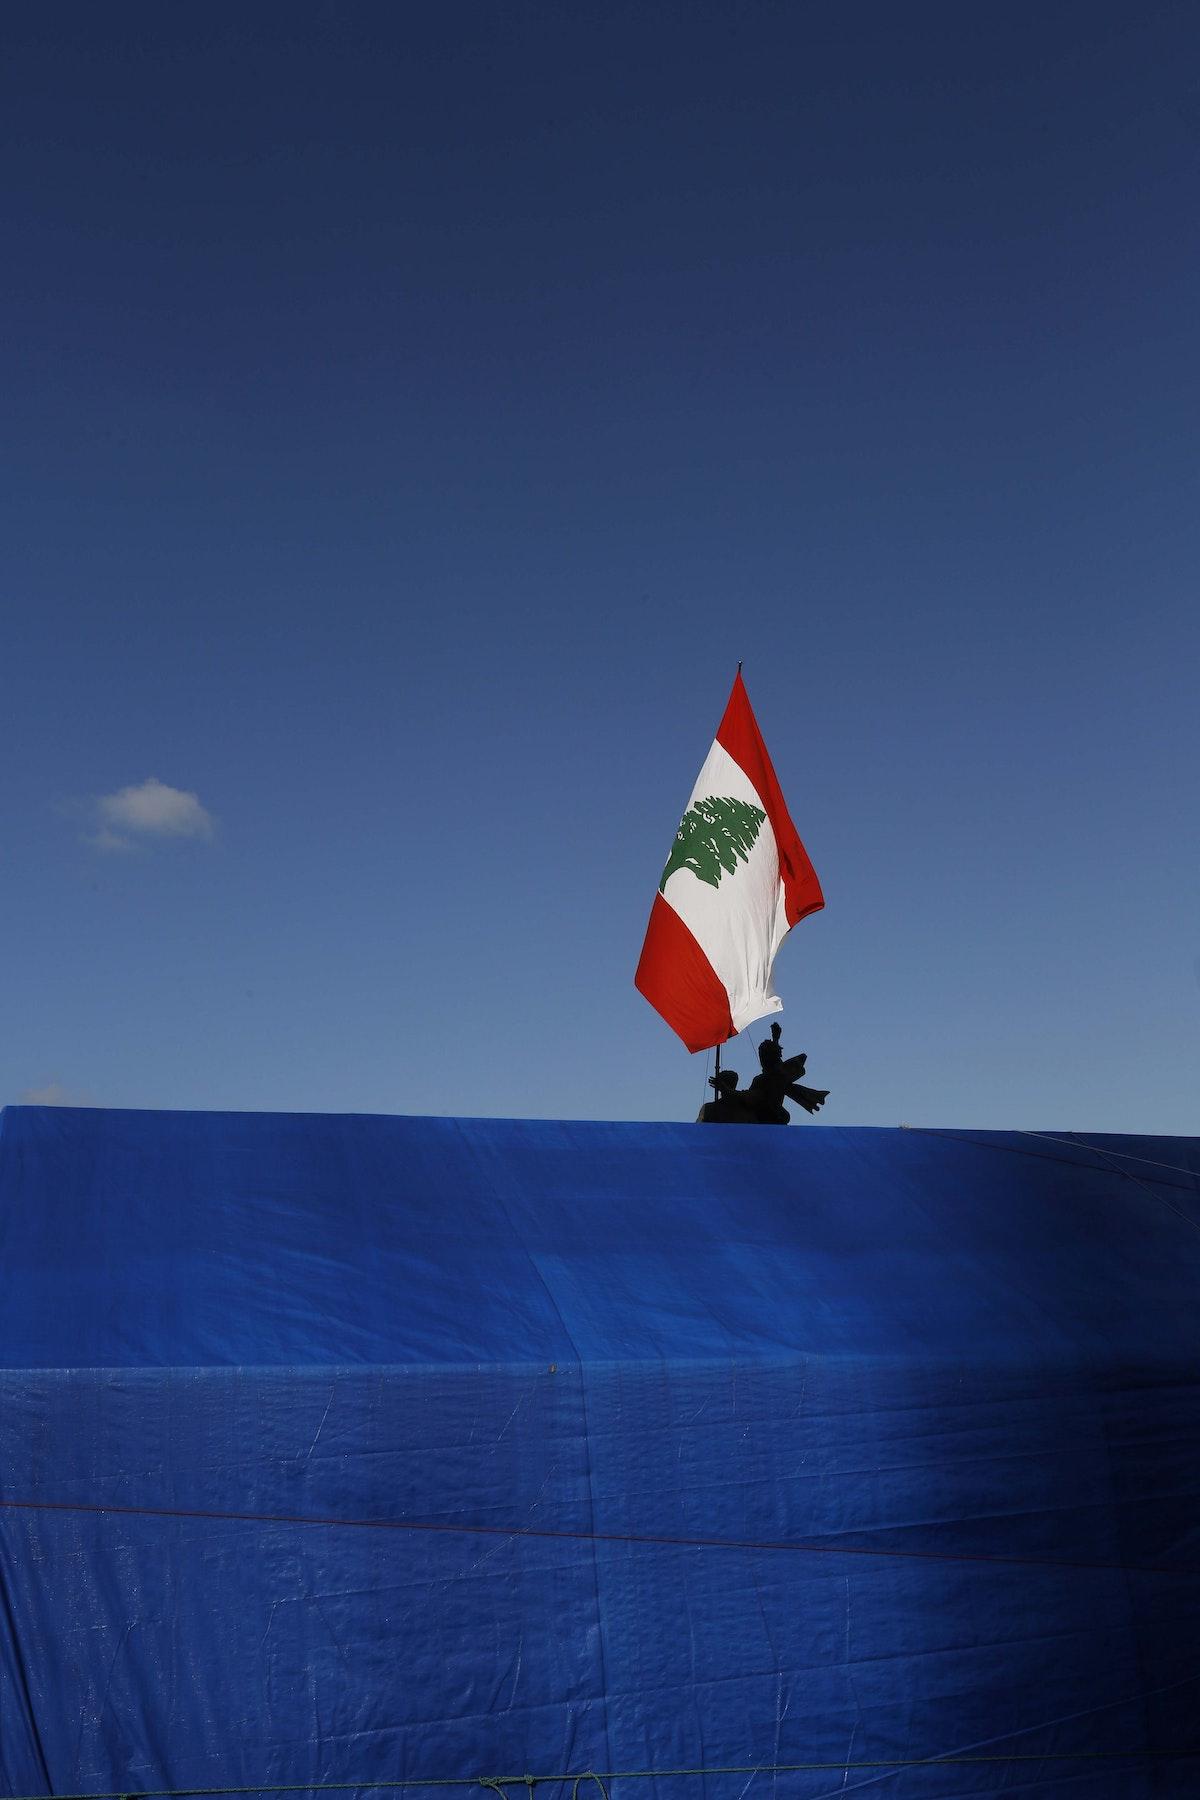 صورة للفنان اللبناني مروان طحطح توثق يوميات الاحتجاجات اللبنانية التي انطلقت في 17 أكتوبر من العام الماضي - الشرق